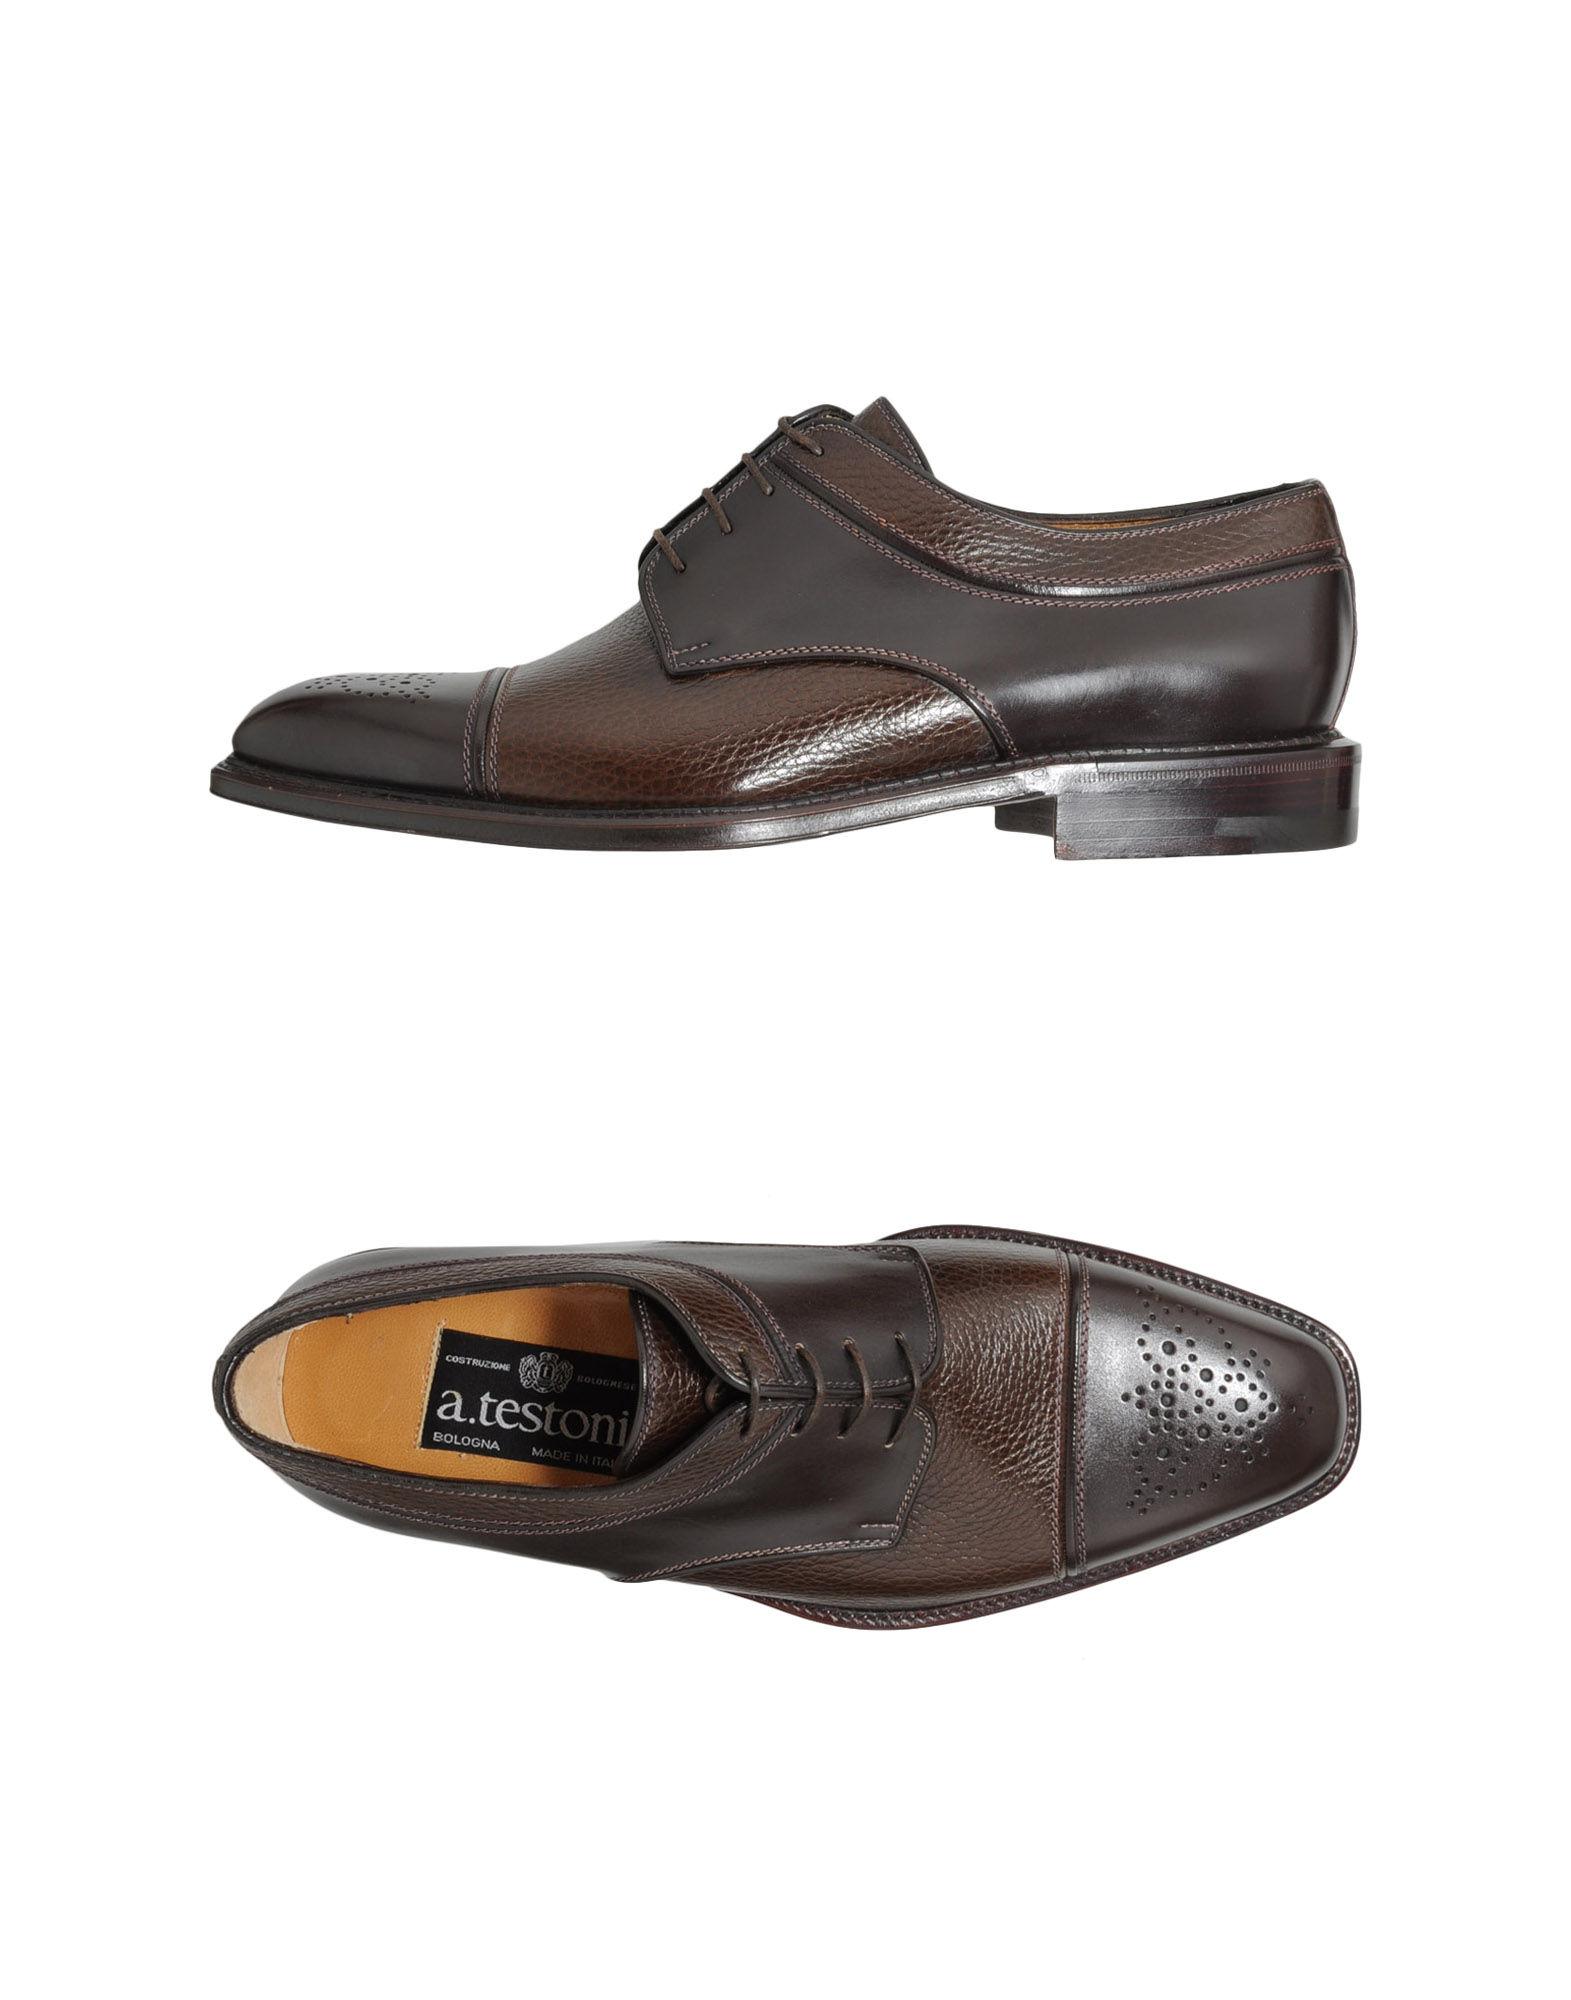 Testoni Men S Shoes